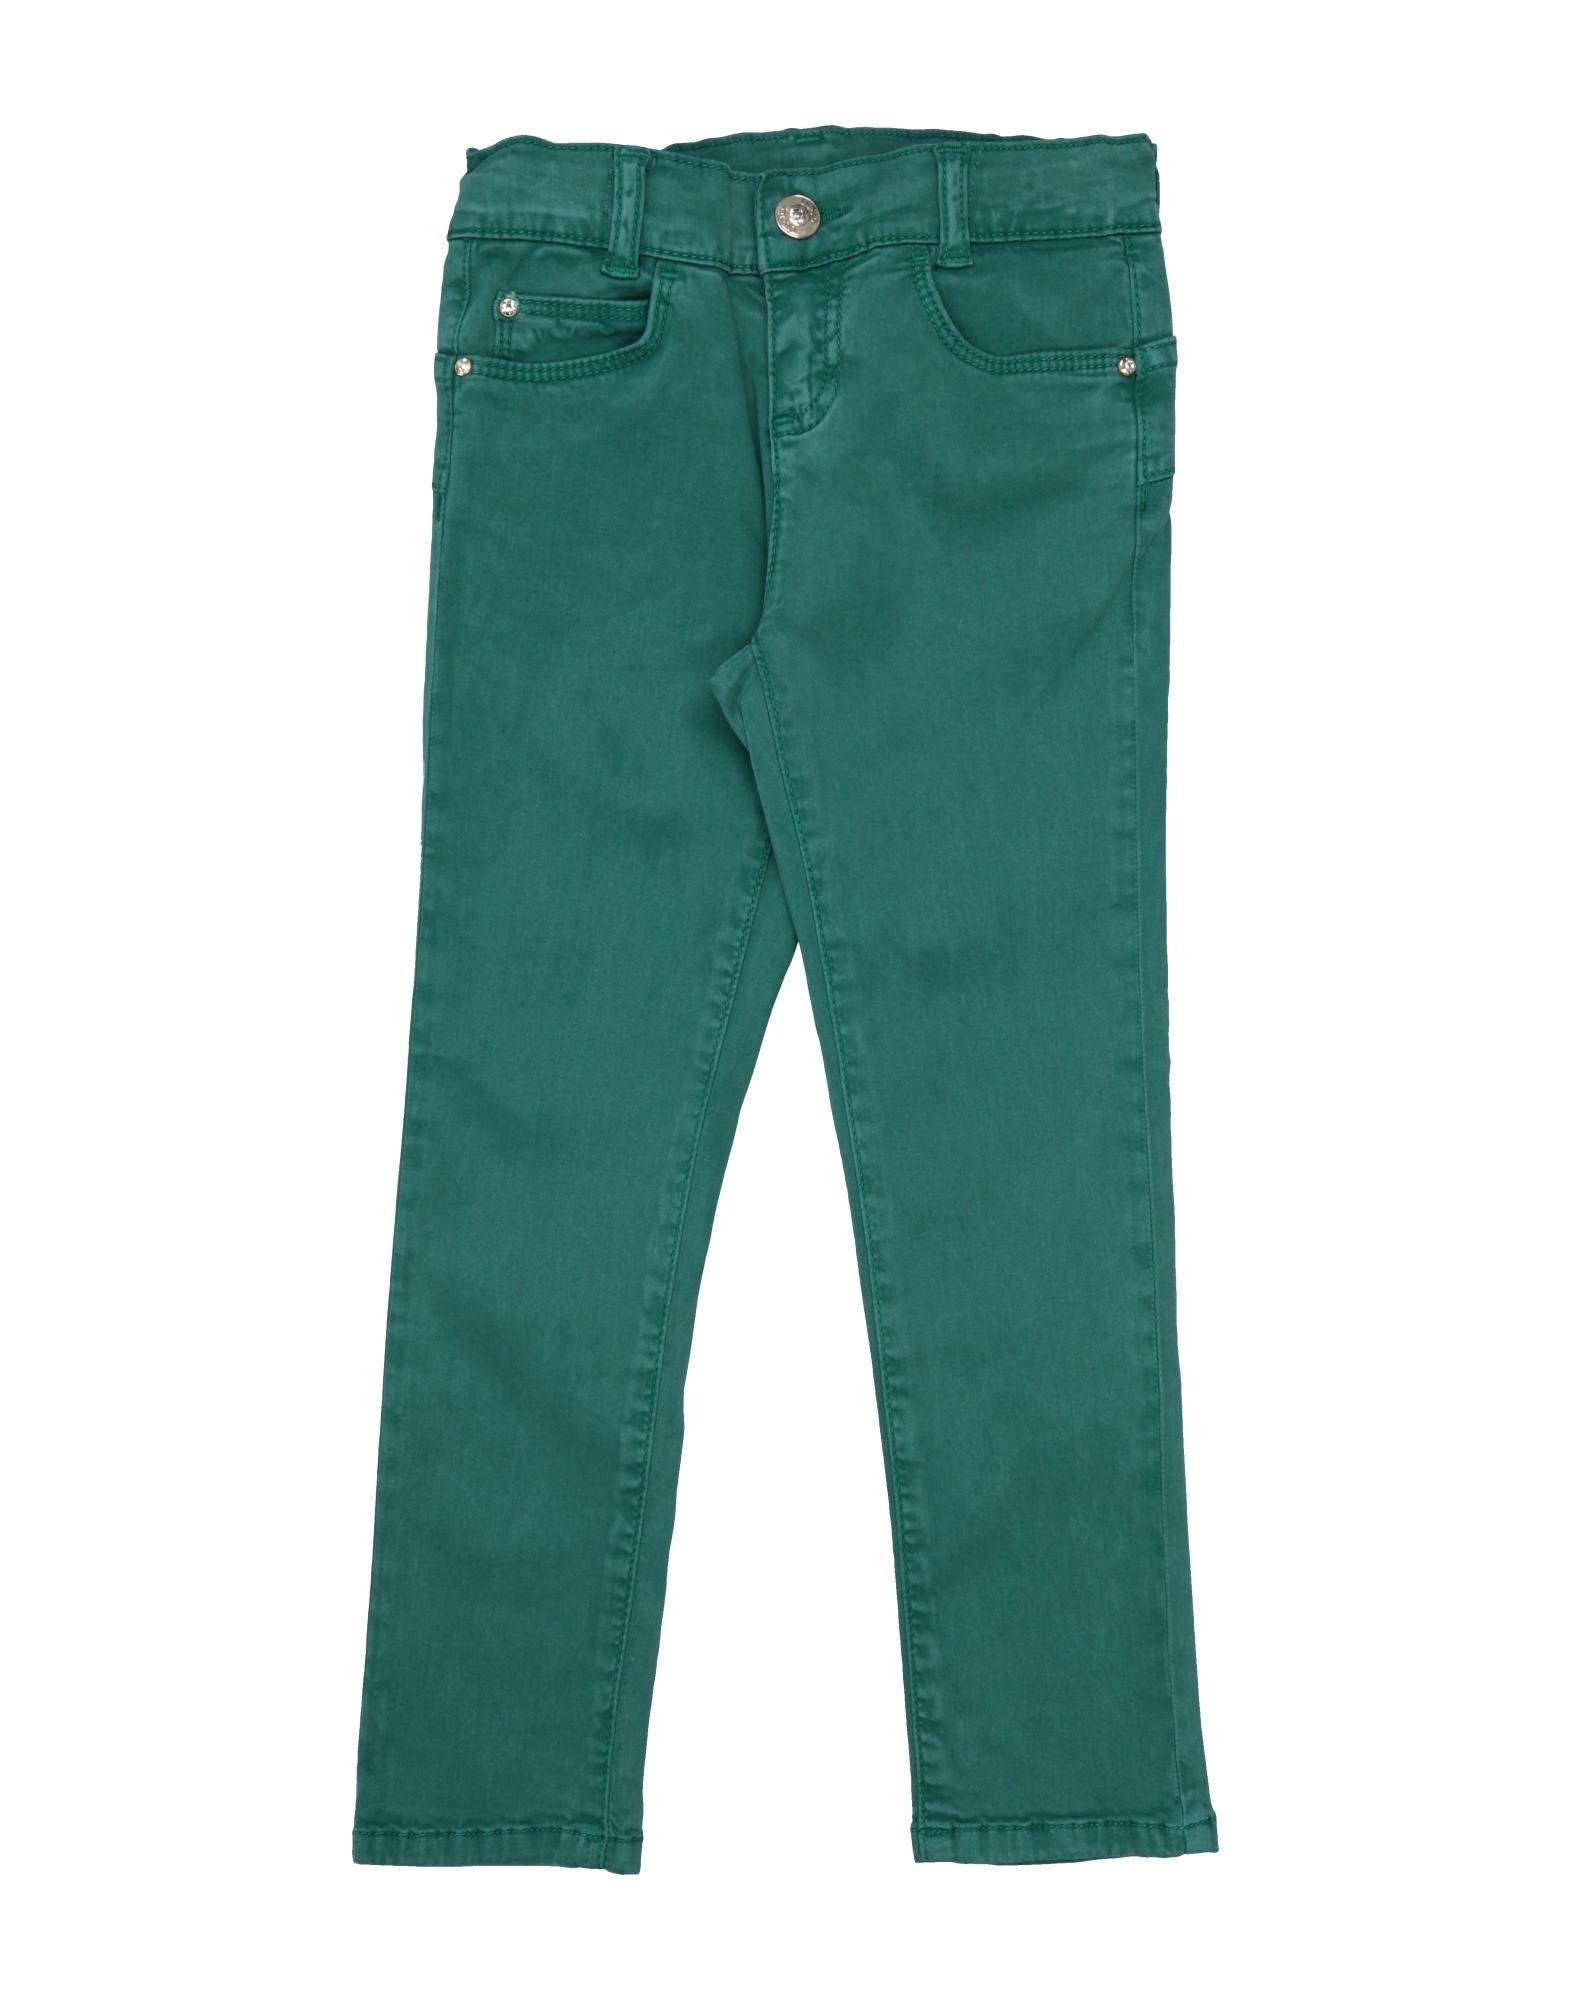 Liu •jo Kids' Casual Pants In Light Green